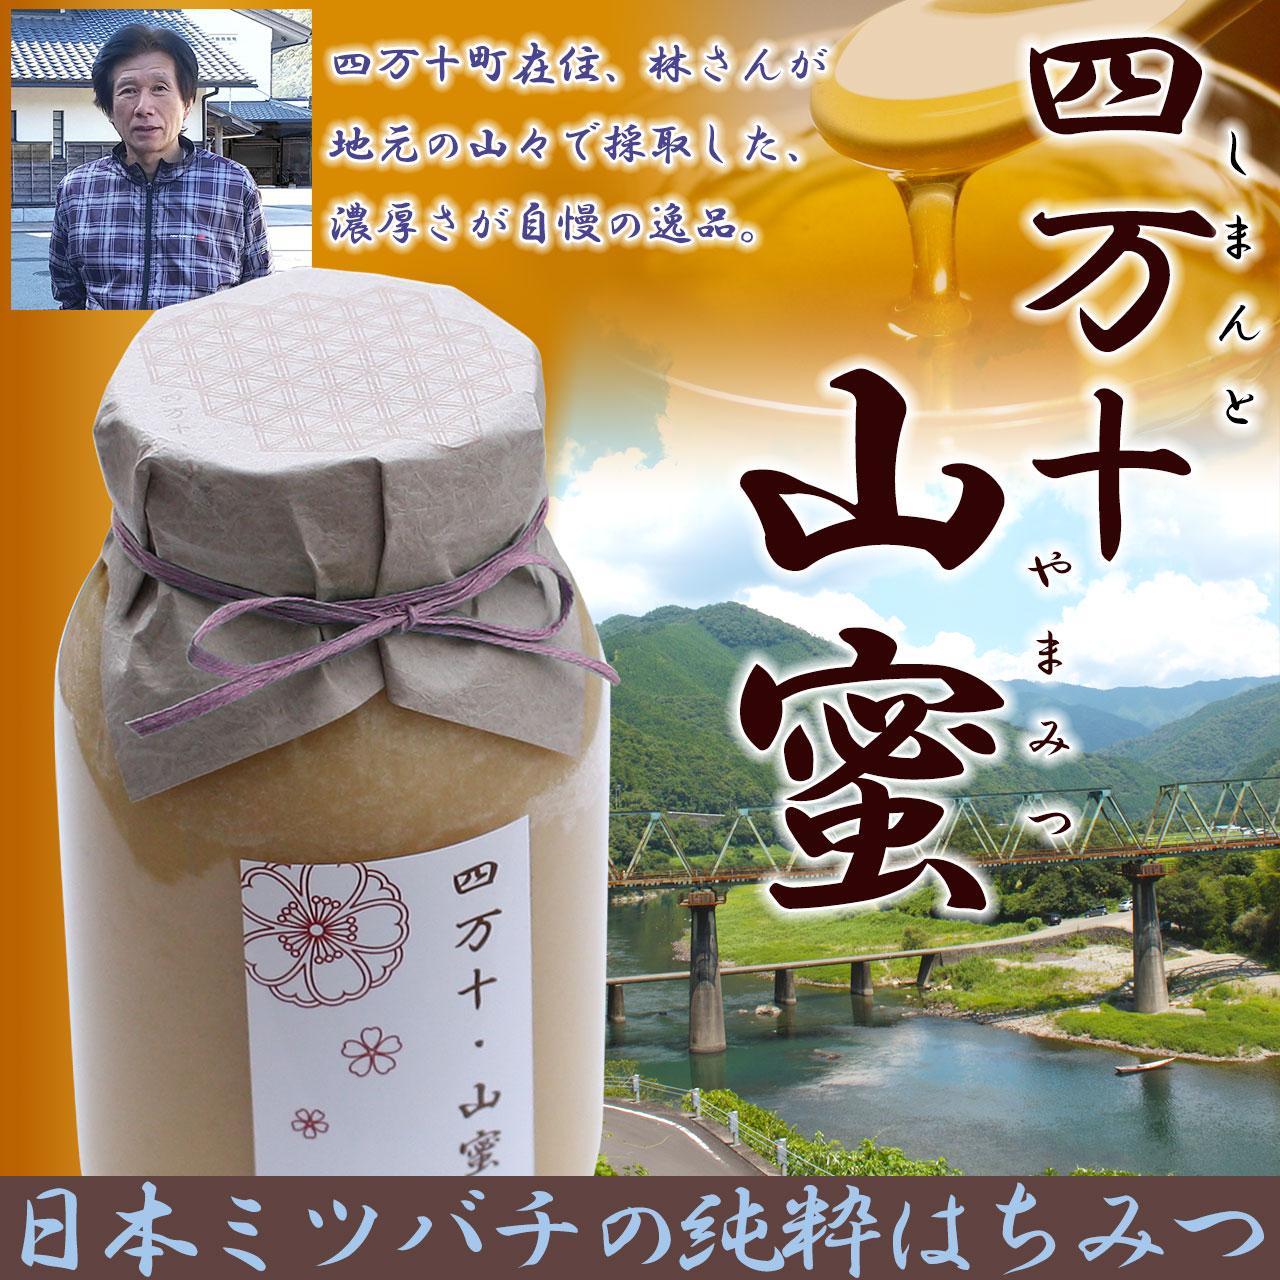 四万十・山蜜(しまんと やまみつ)・日本蜜蜂の蜂蜜